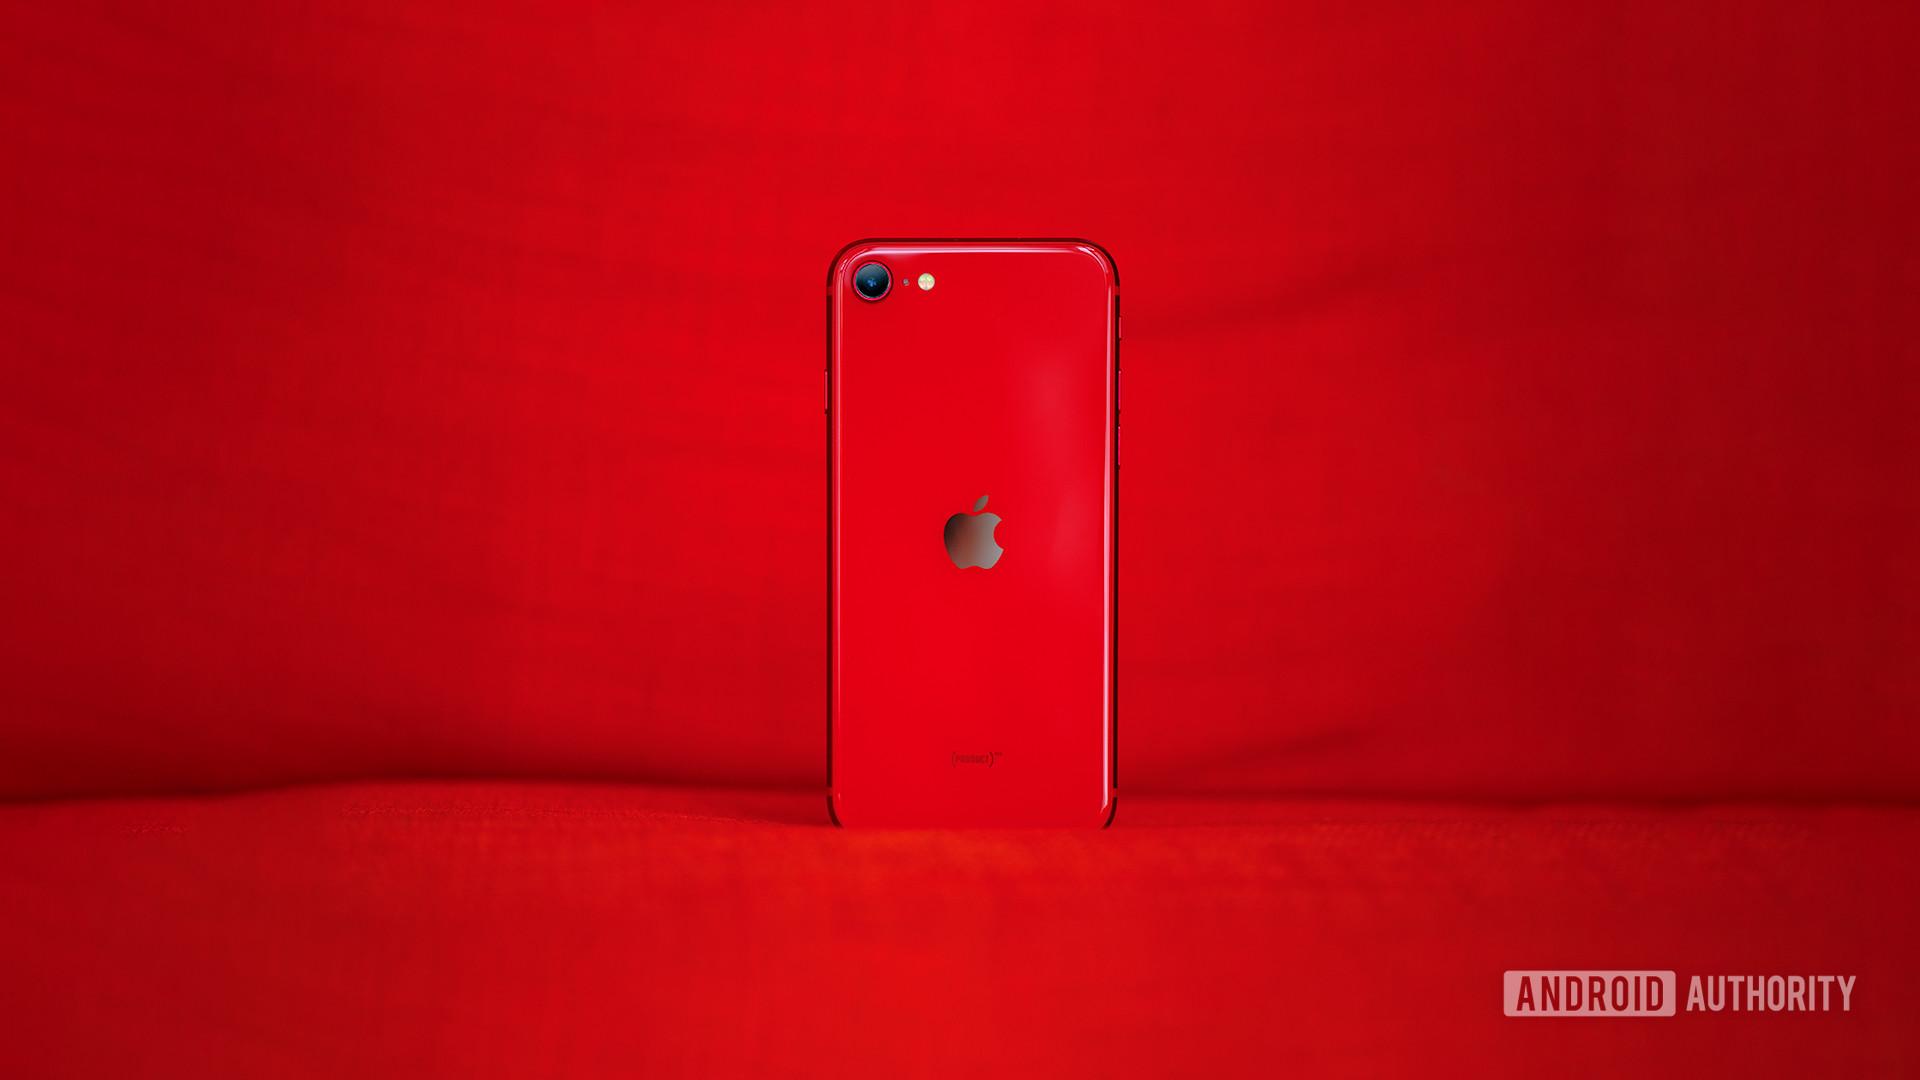 Tiêu đề đánh giá iPhone SE - Điện thoại trả trước tốt nhất của Verizon